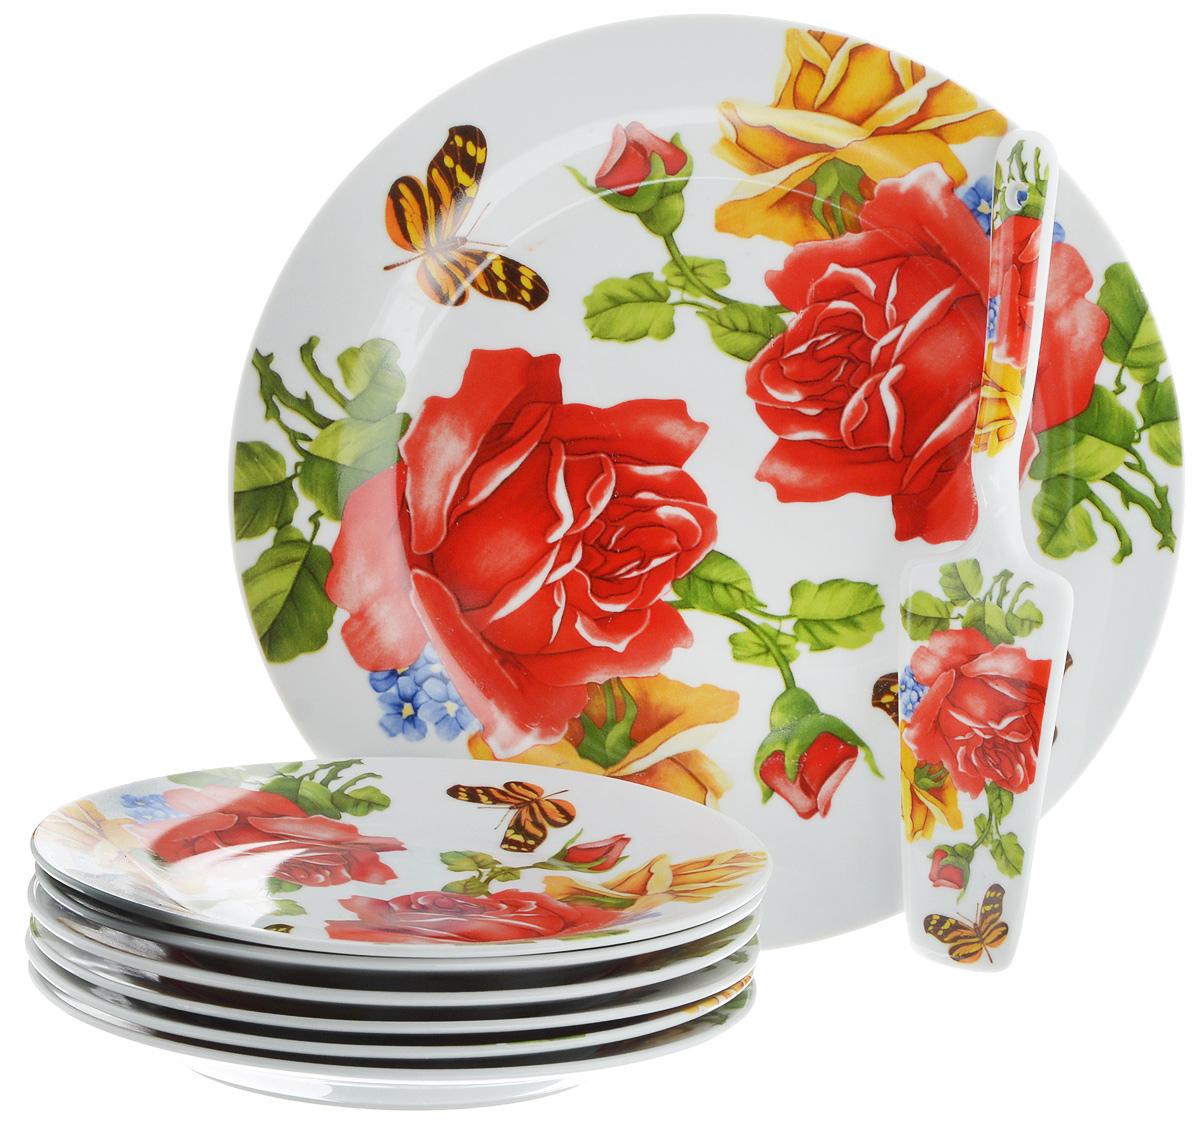 Набор для торта Bella, 8 предметов. DL-S8CB-176DL-S8CB-176Набор для торта Bella состоит из 7 тарелок и лопатки. Изделия выполнены из высококачественного фарфора и оформлены ярким рисунком. Набор идеален для подачи тортов, пирогов и другой выпечки.Яркий дизайн сделает набор изысканным украшением праздничного стола.Диаметр меленьких тарелок: 19,5 см.Диаметр большой тарелки: 26,5 см.Размеры лопатки: 23,5 х 5,5 х 2 см.